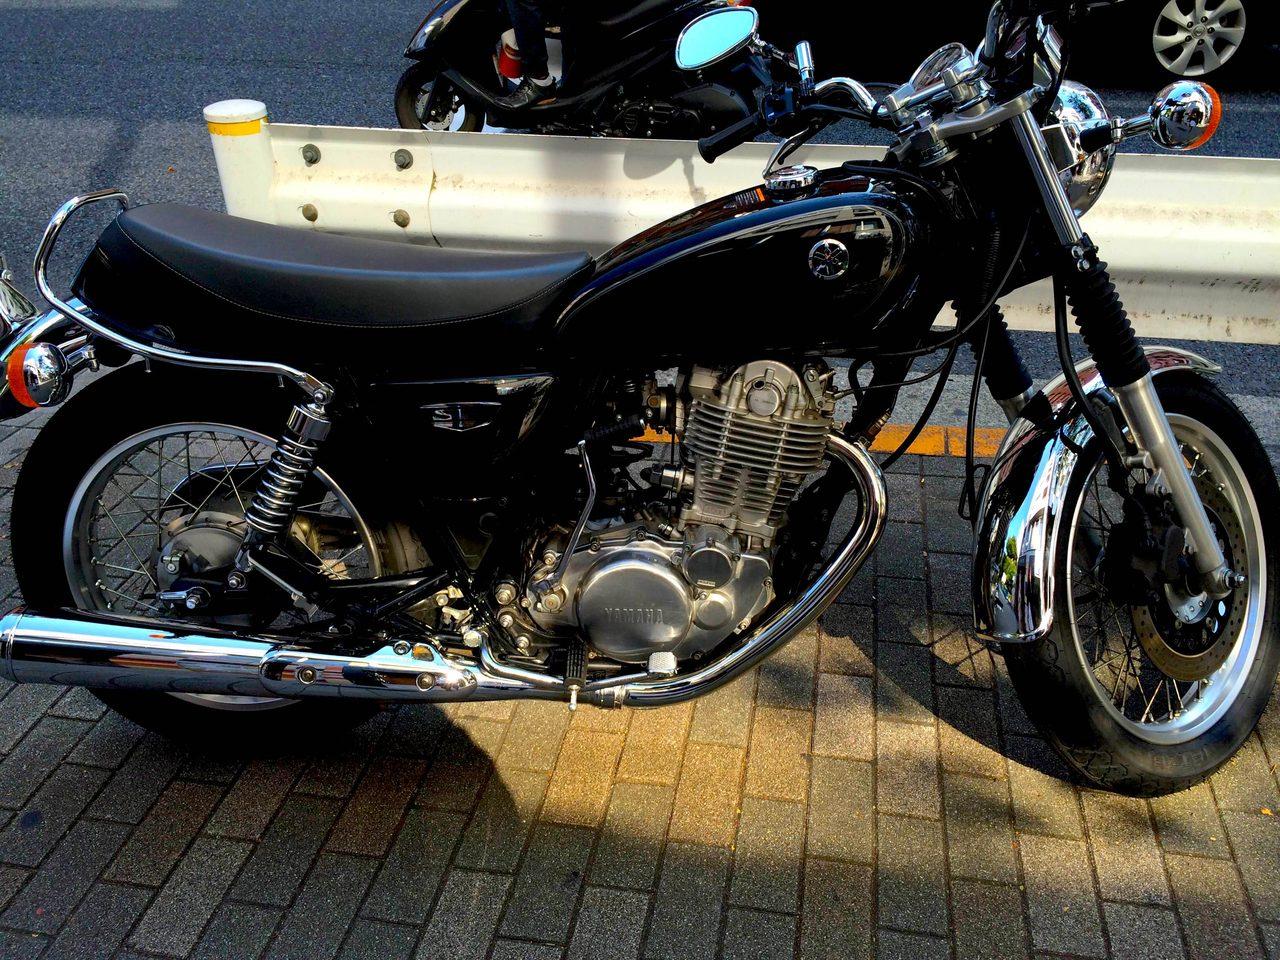 画像: ロレンス編集部に「YAMAHA SR400」がやってきた!! - LAWRENCE(ロレンス) - Motorcycle x Cars + α = Your Life.